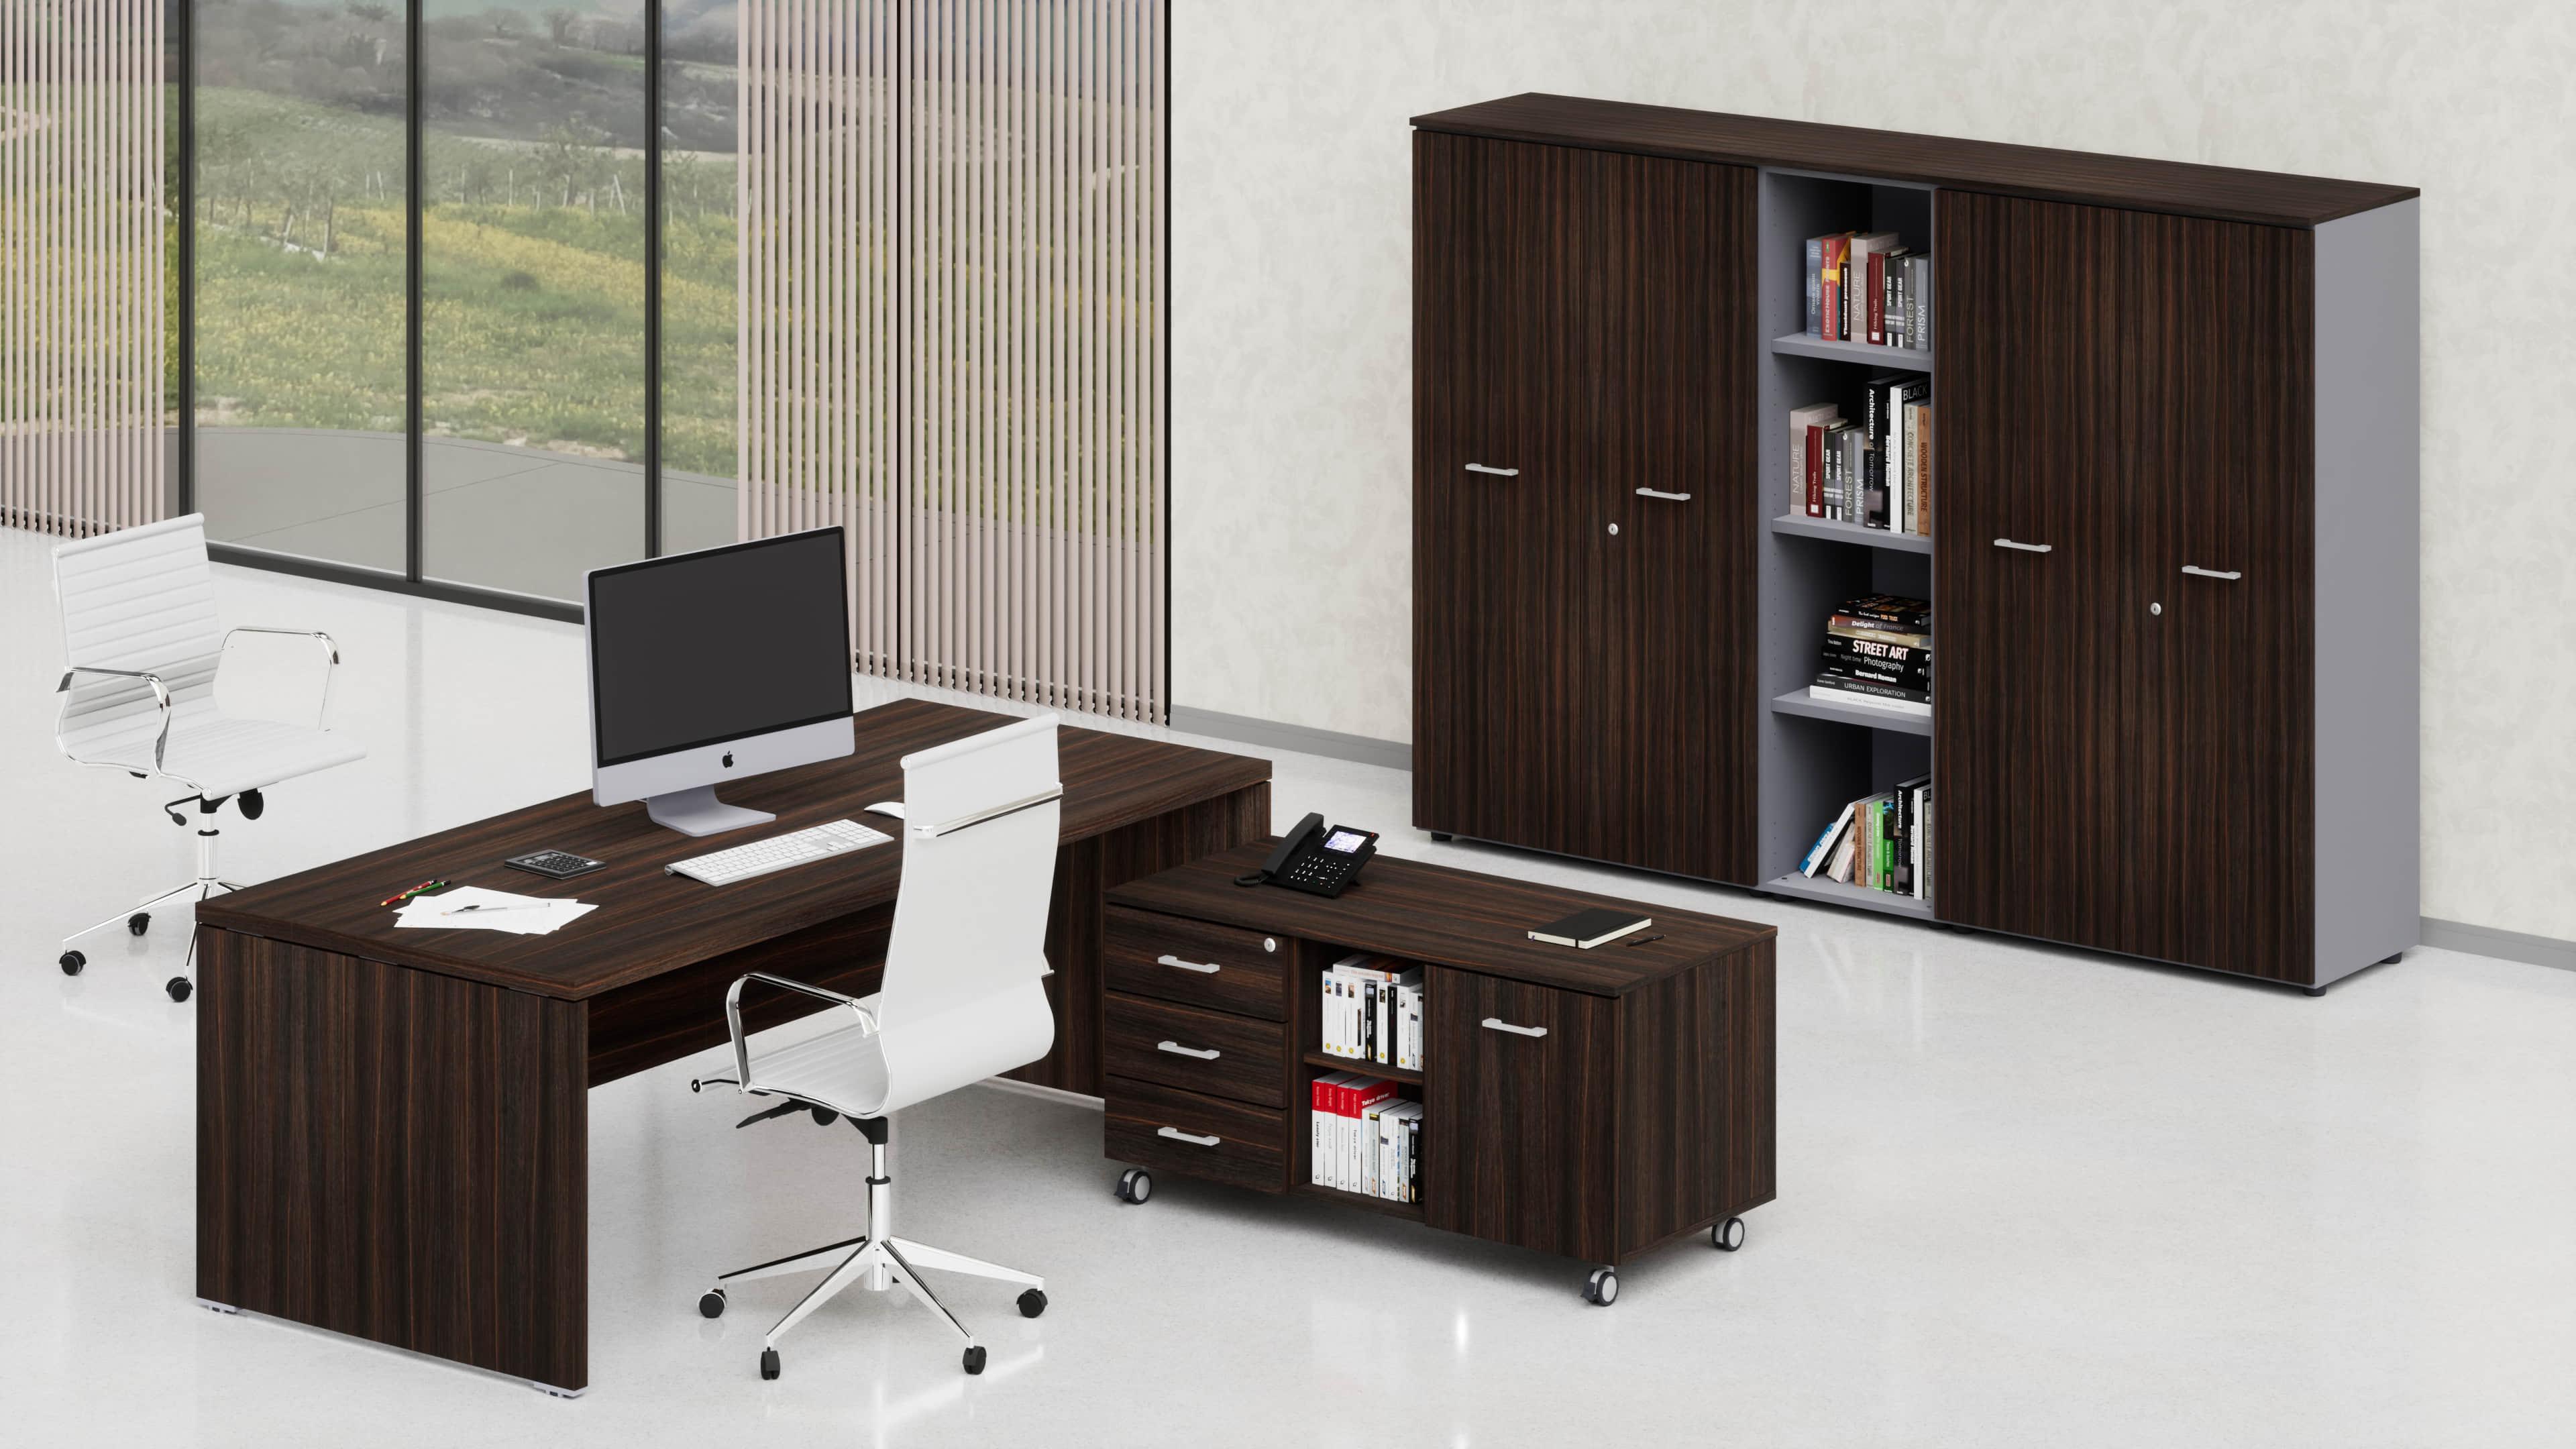 Uffici direzionali BETA scrivania, mobile di servizio e contenitori universali medi